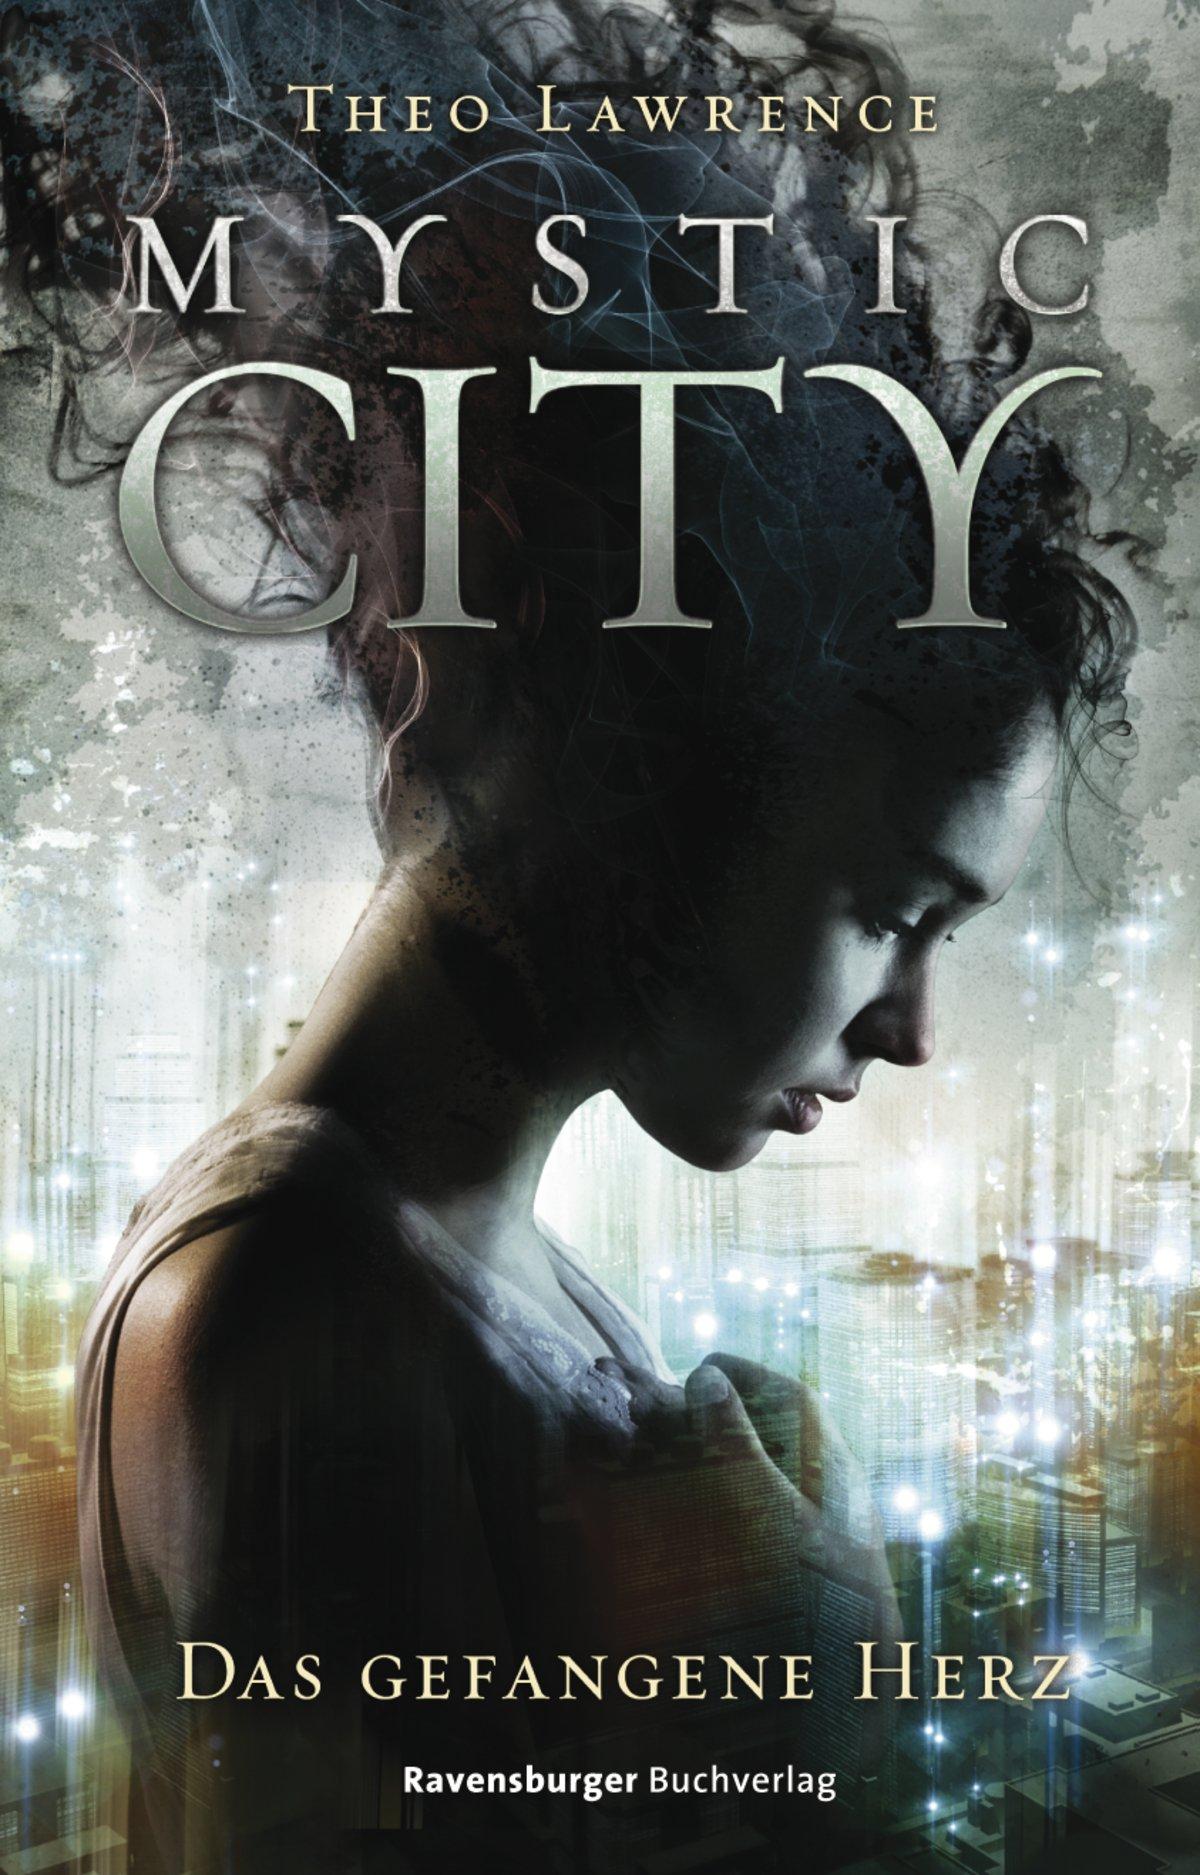 Resultado de imagen para mystic city